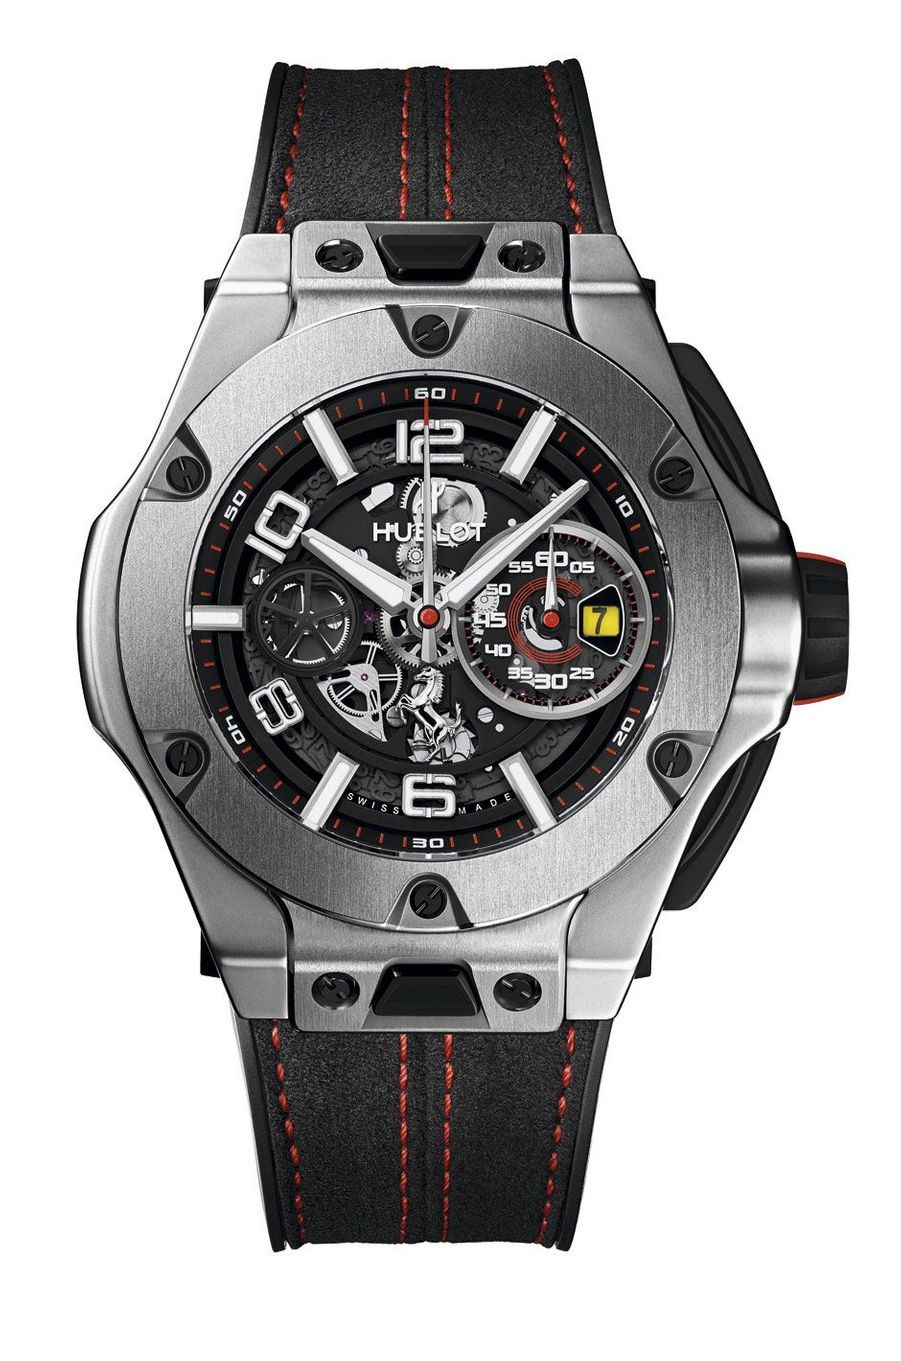 Boîte en titane, 45 mm de diamètre, mouvement automatique avec chronographe et date par guichet, bracelet en alcantara avec surpiqûres. Série limitée à 1 000 exemplaires. 259 000 €.